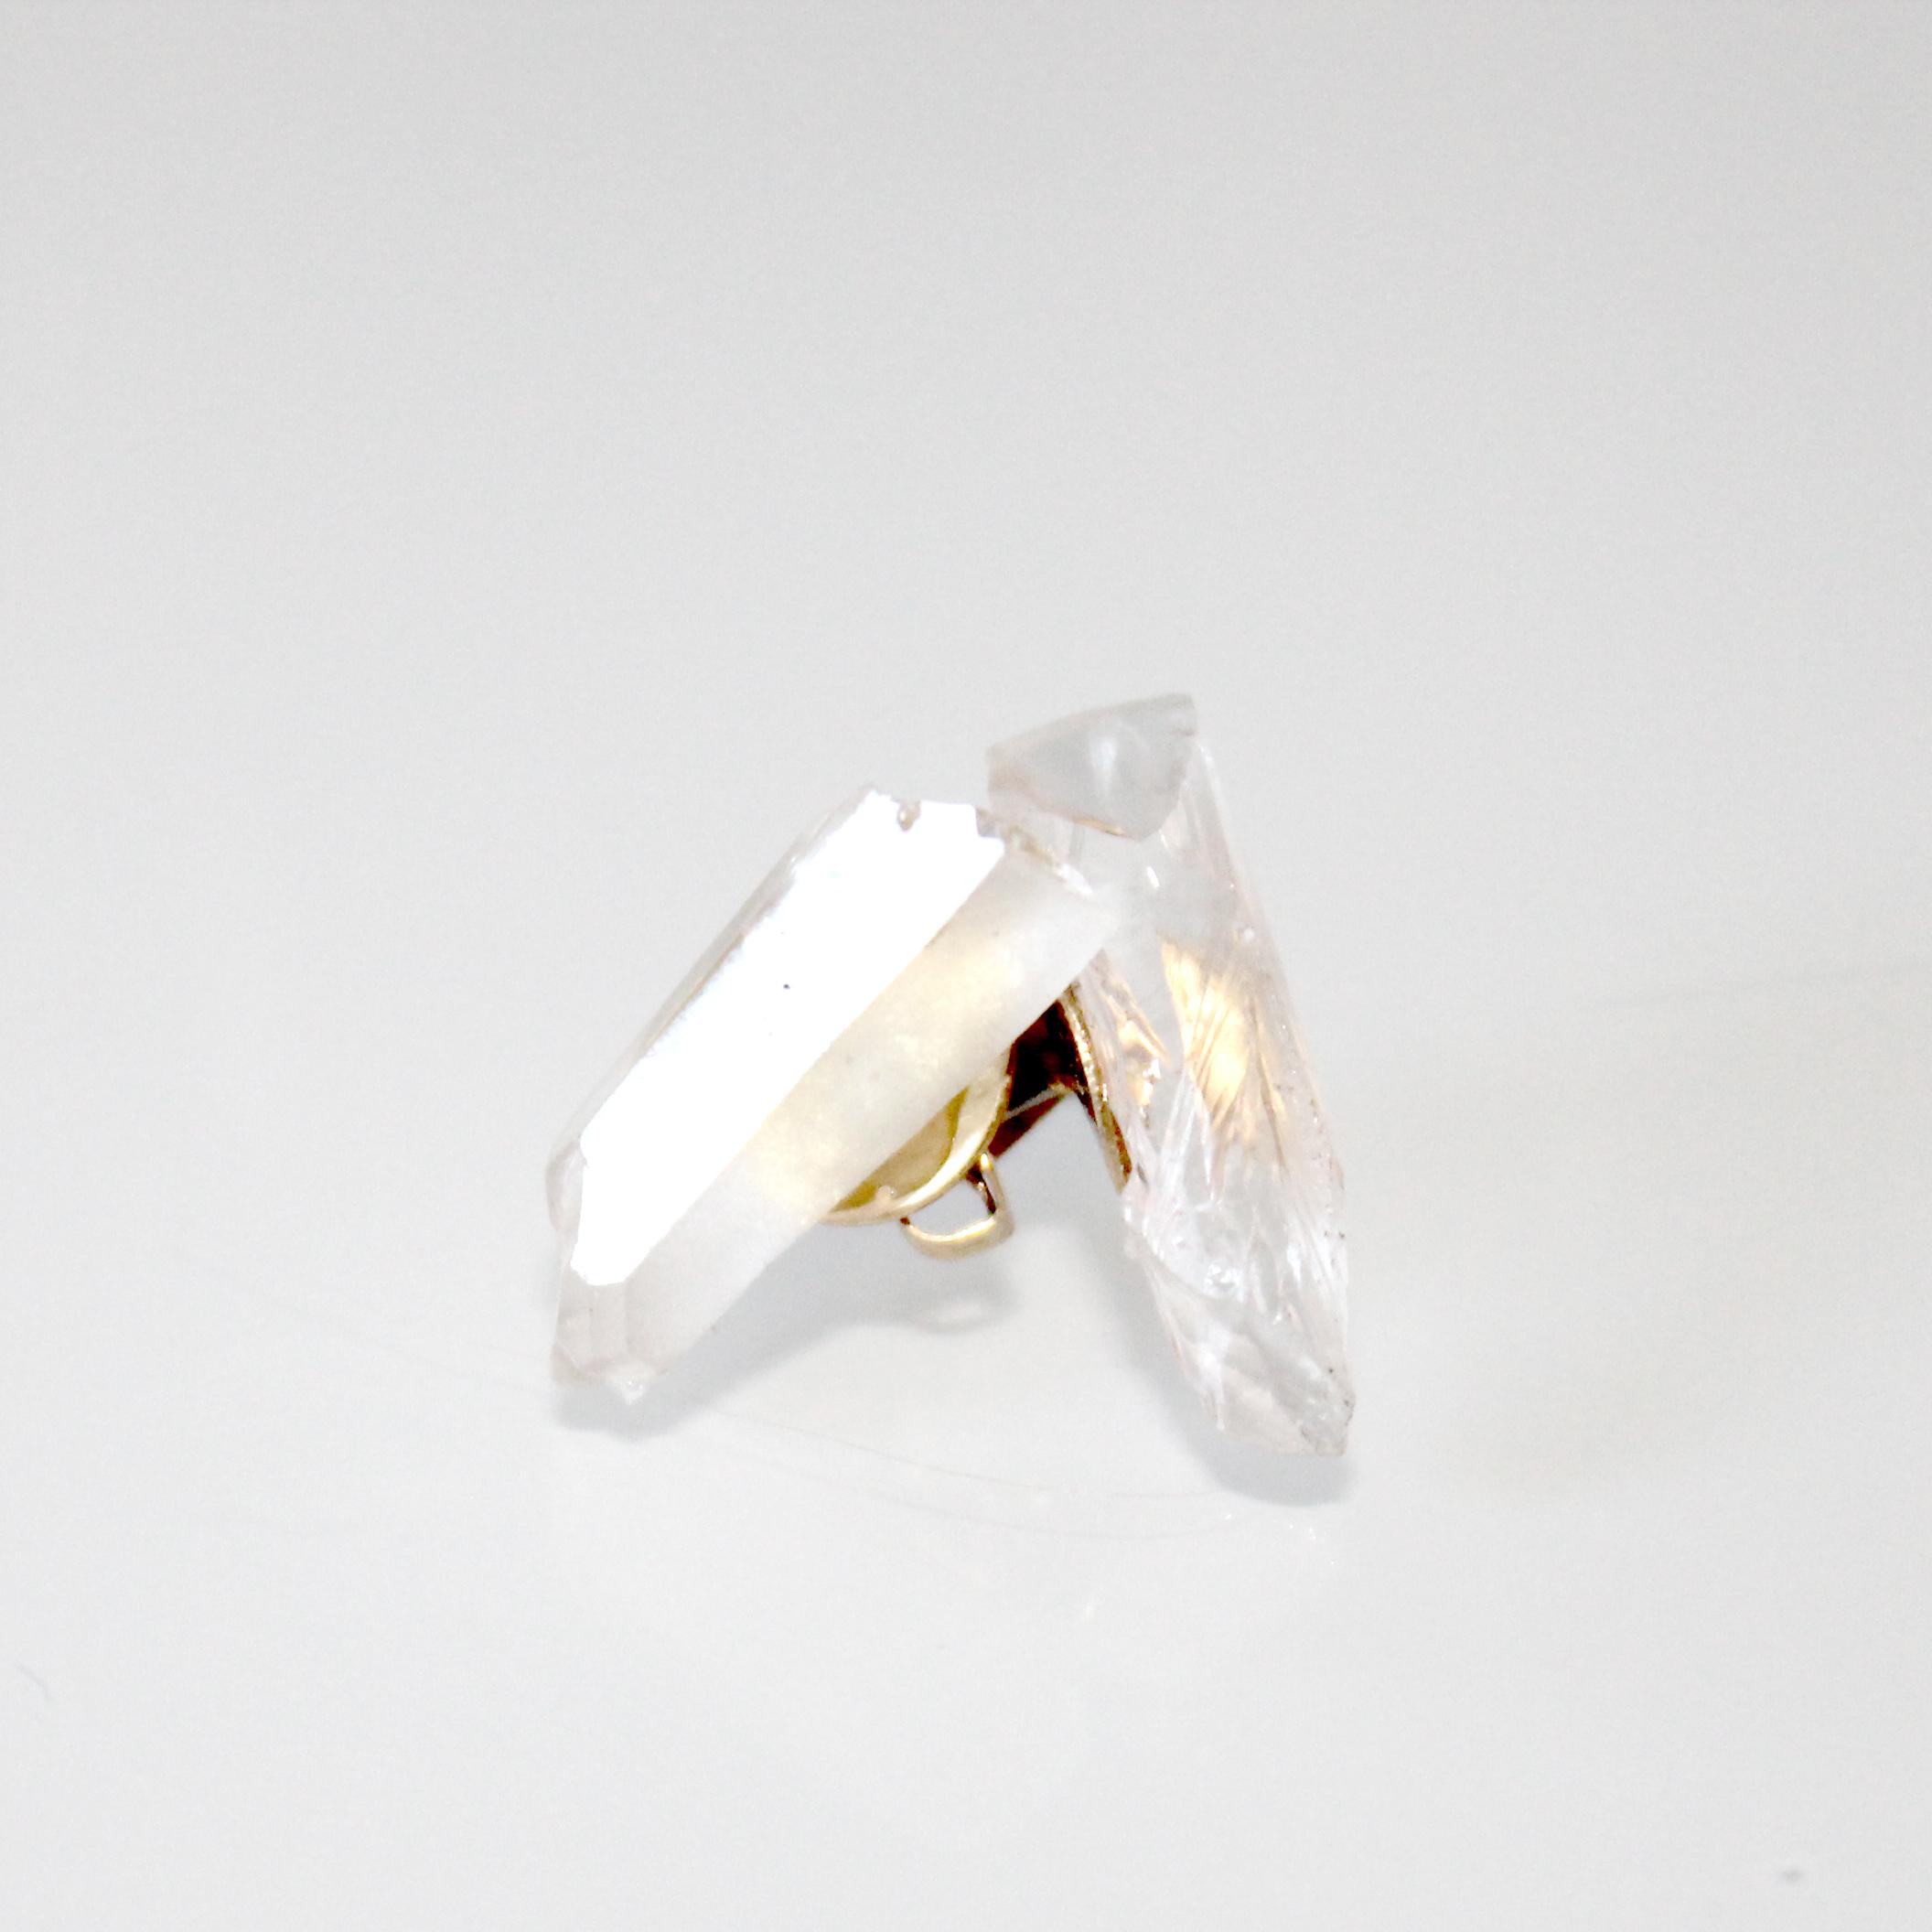 organic crystal earrings3